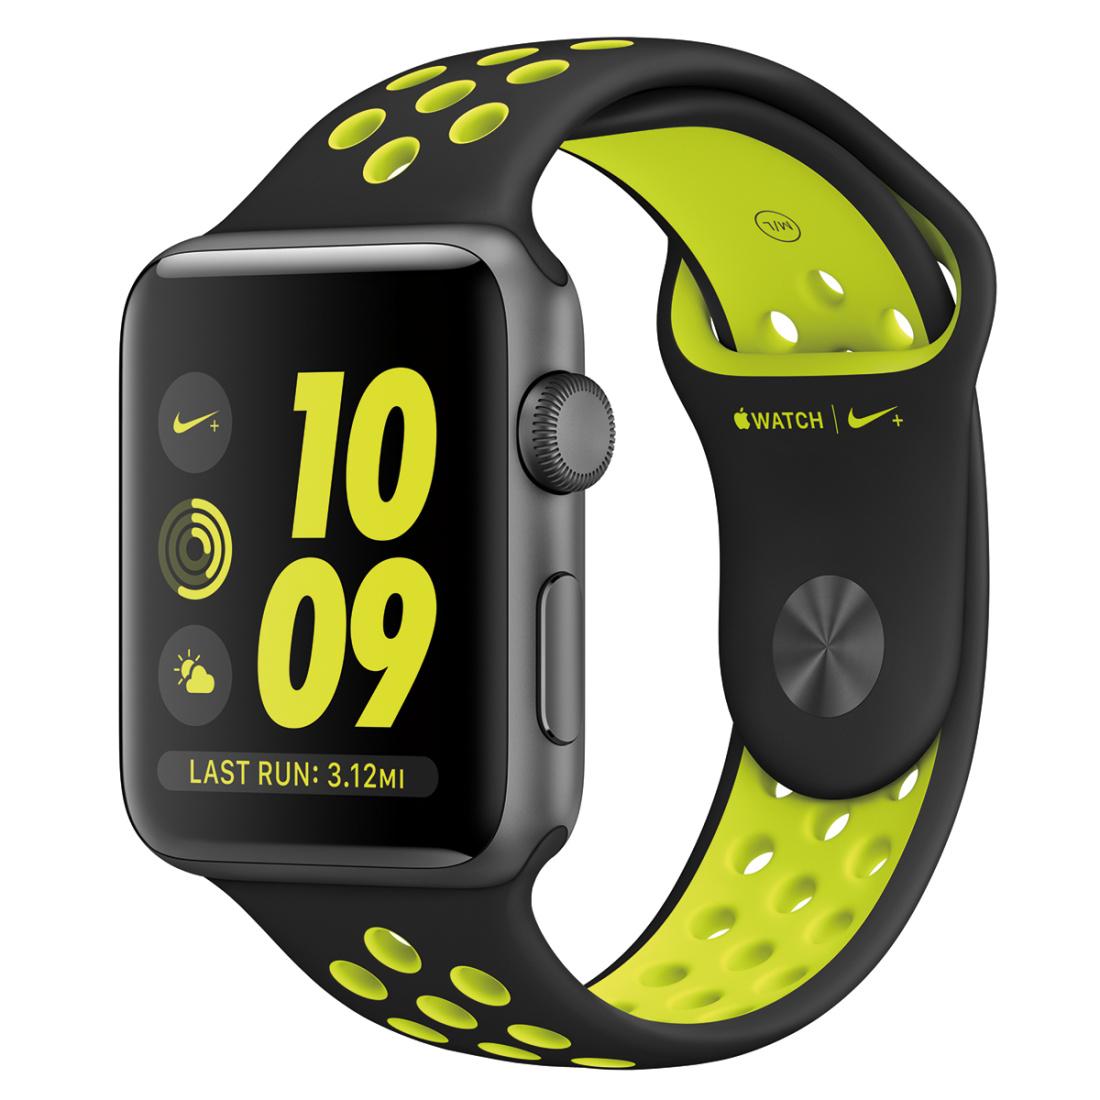 applw-watch-series-2-005